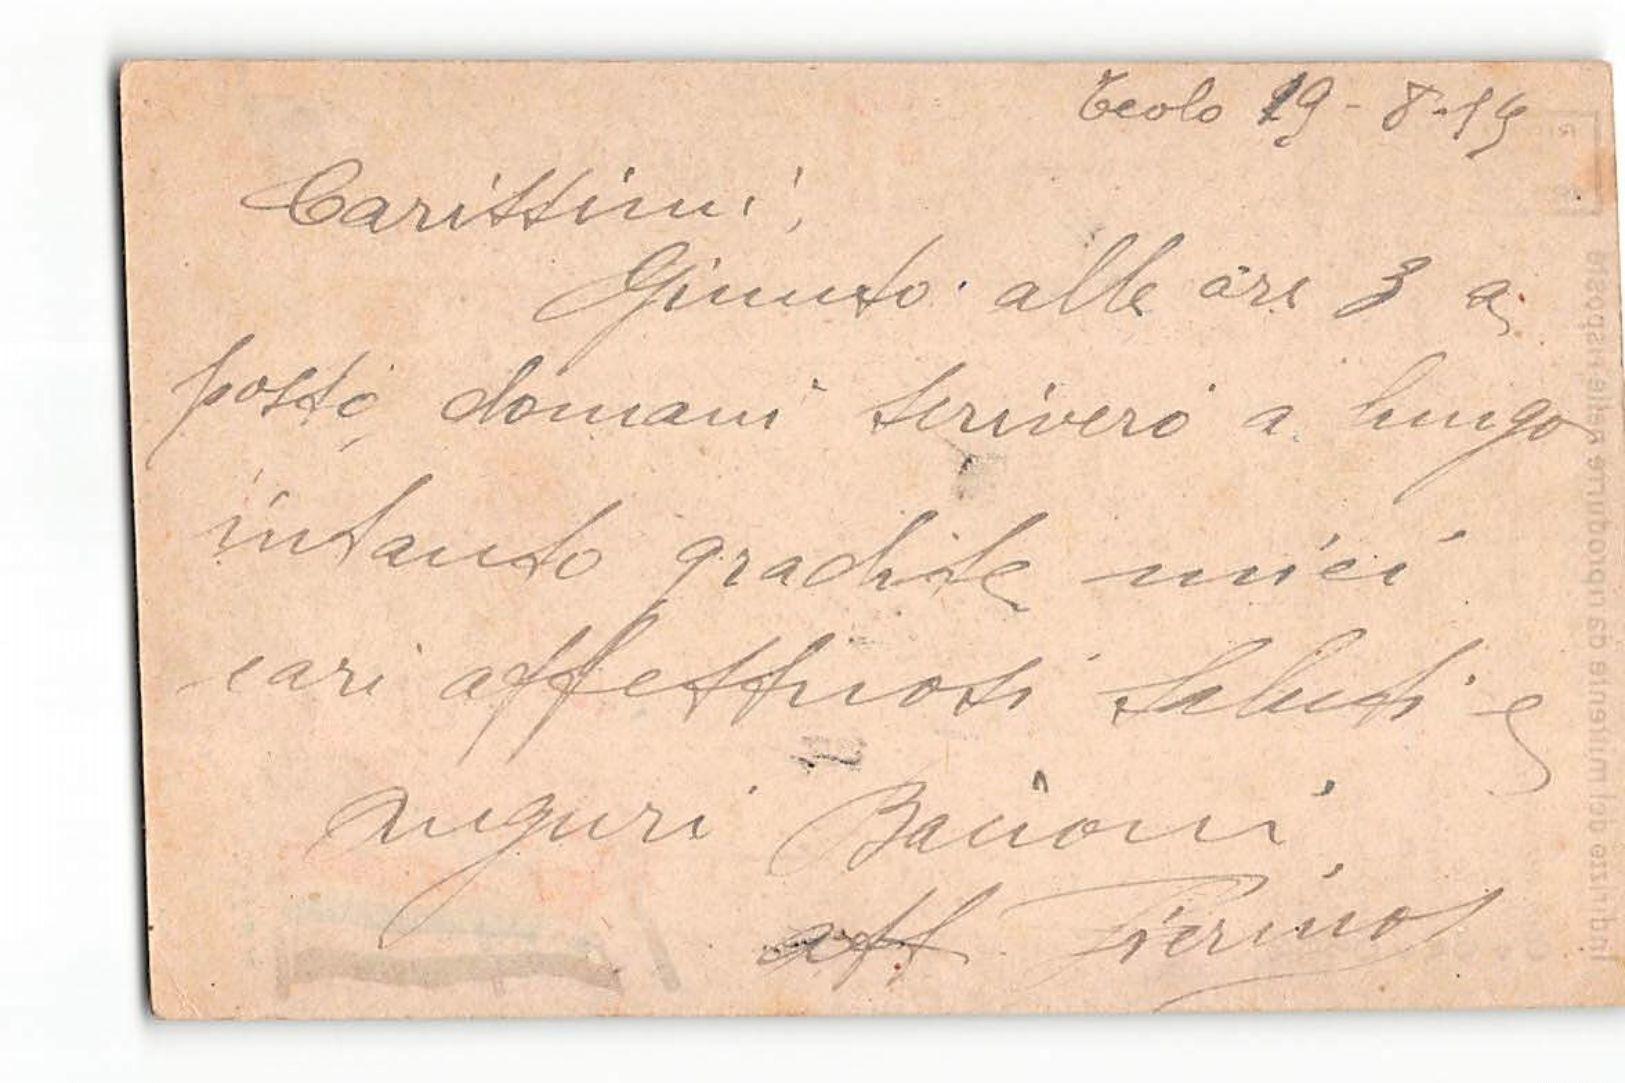 16154  FRANCHIGIA TEOLO 14 AUTOREPARTO DI MARCIA X MILANO - 1900-44 Vittorio Emanuele III